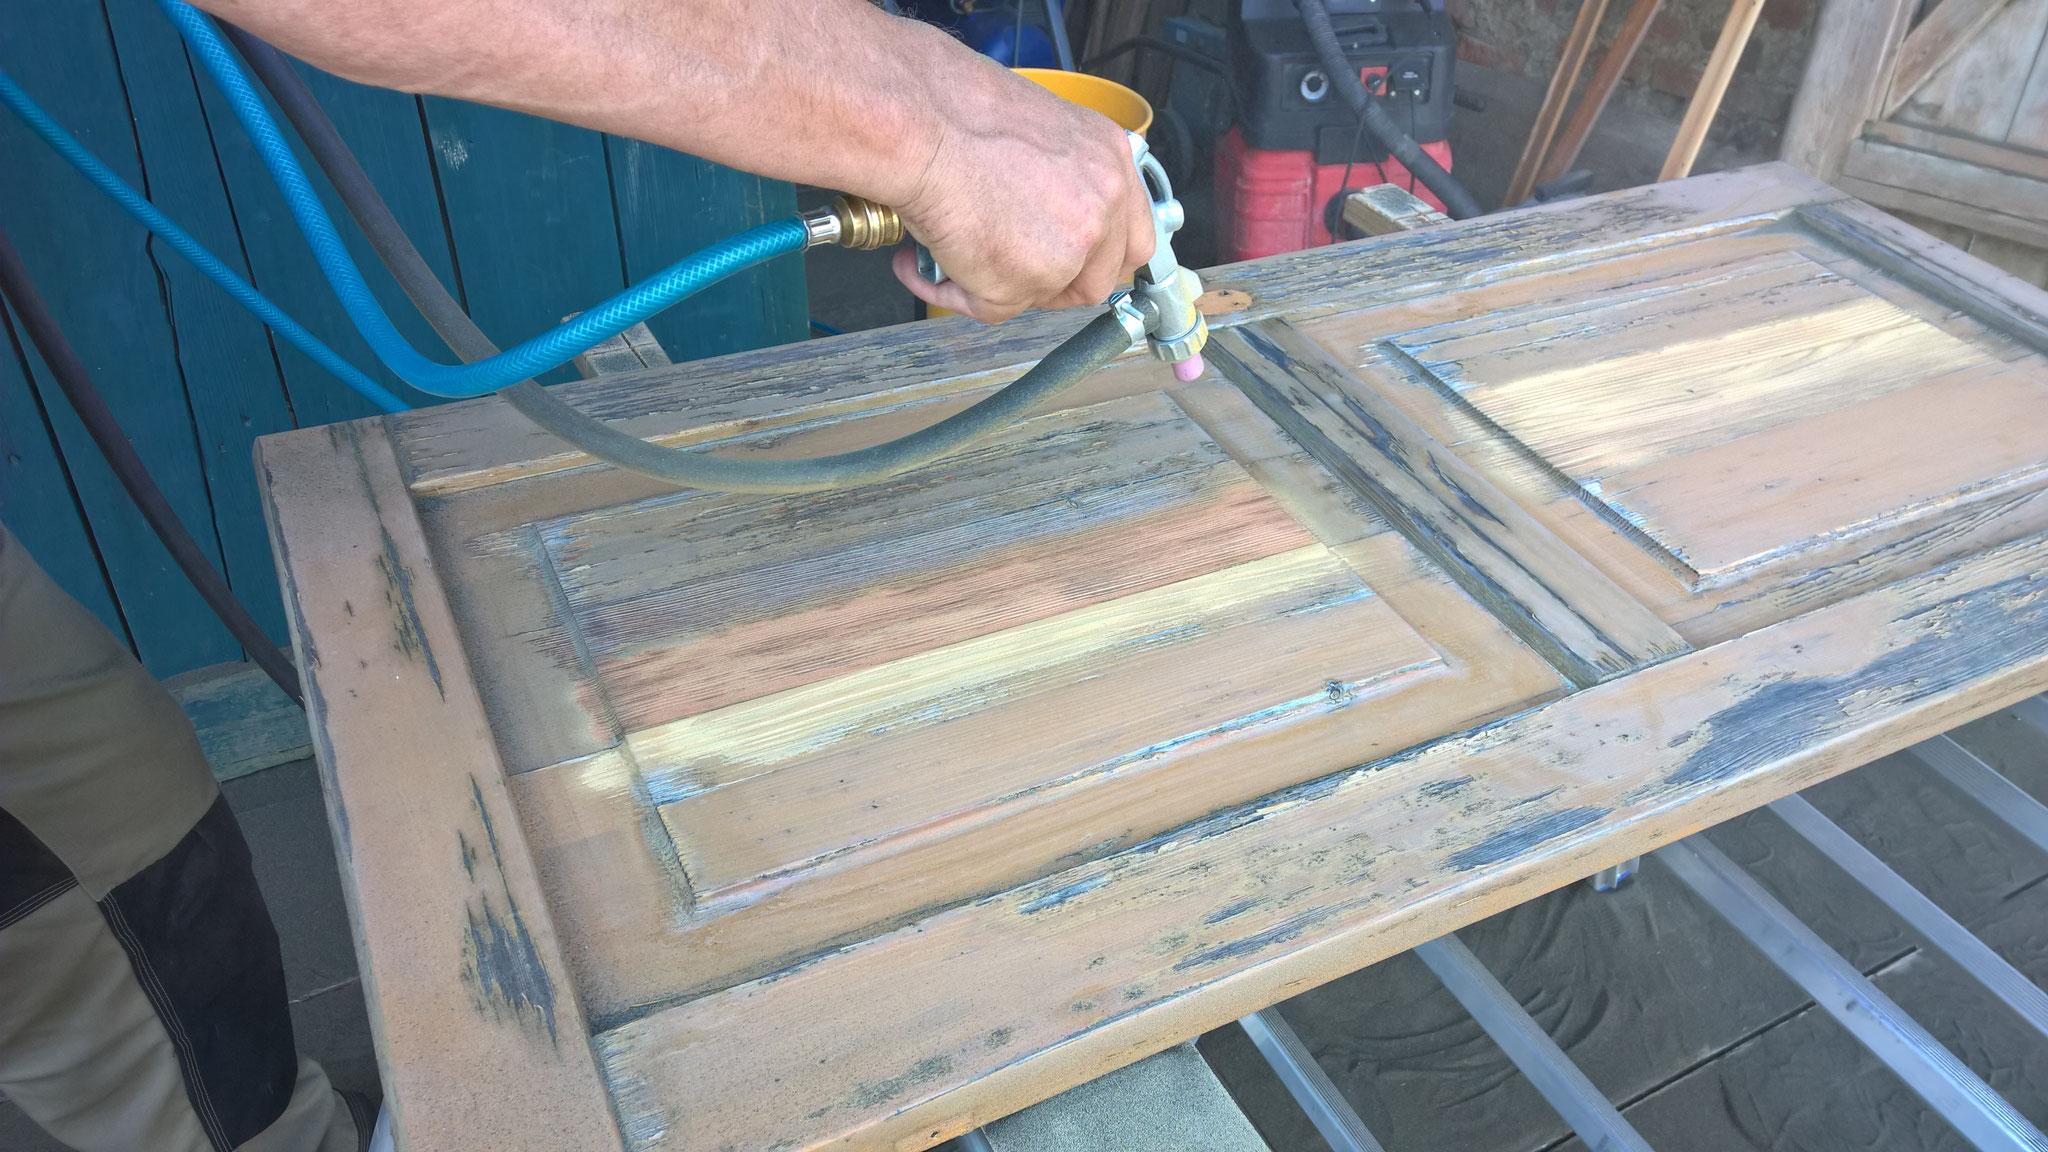 Sanierung Holzoberflächen, Sandstrahlen mit Bicarbonat Mischungen, atmungsaktiver UV-Schutz